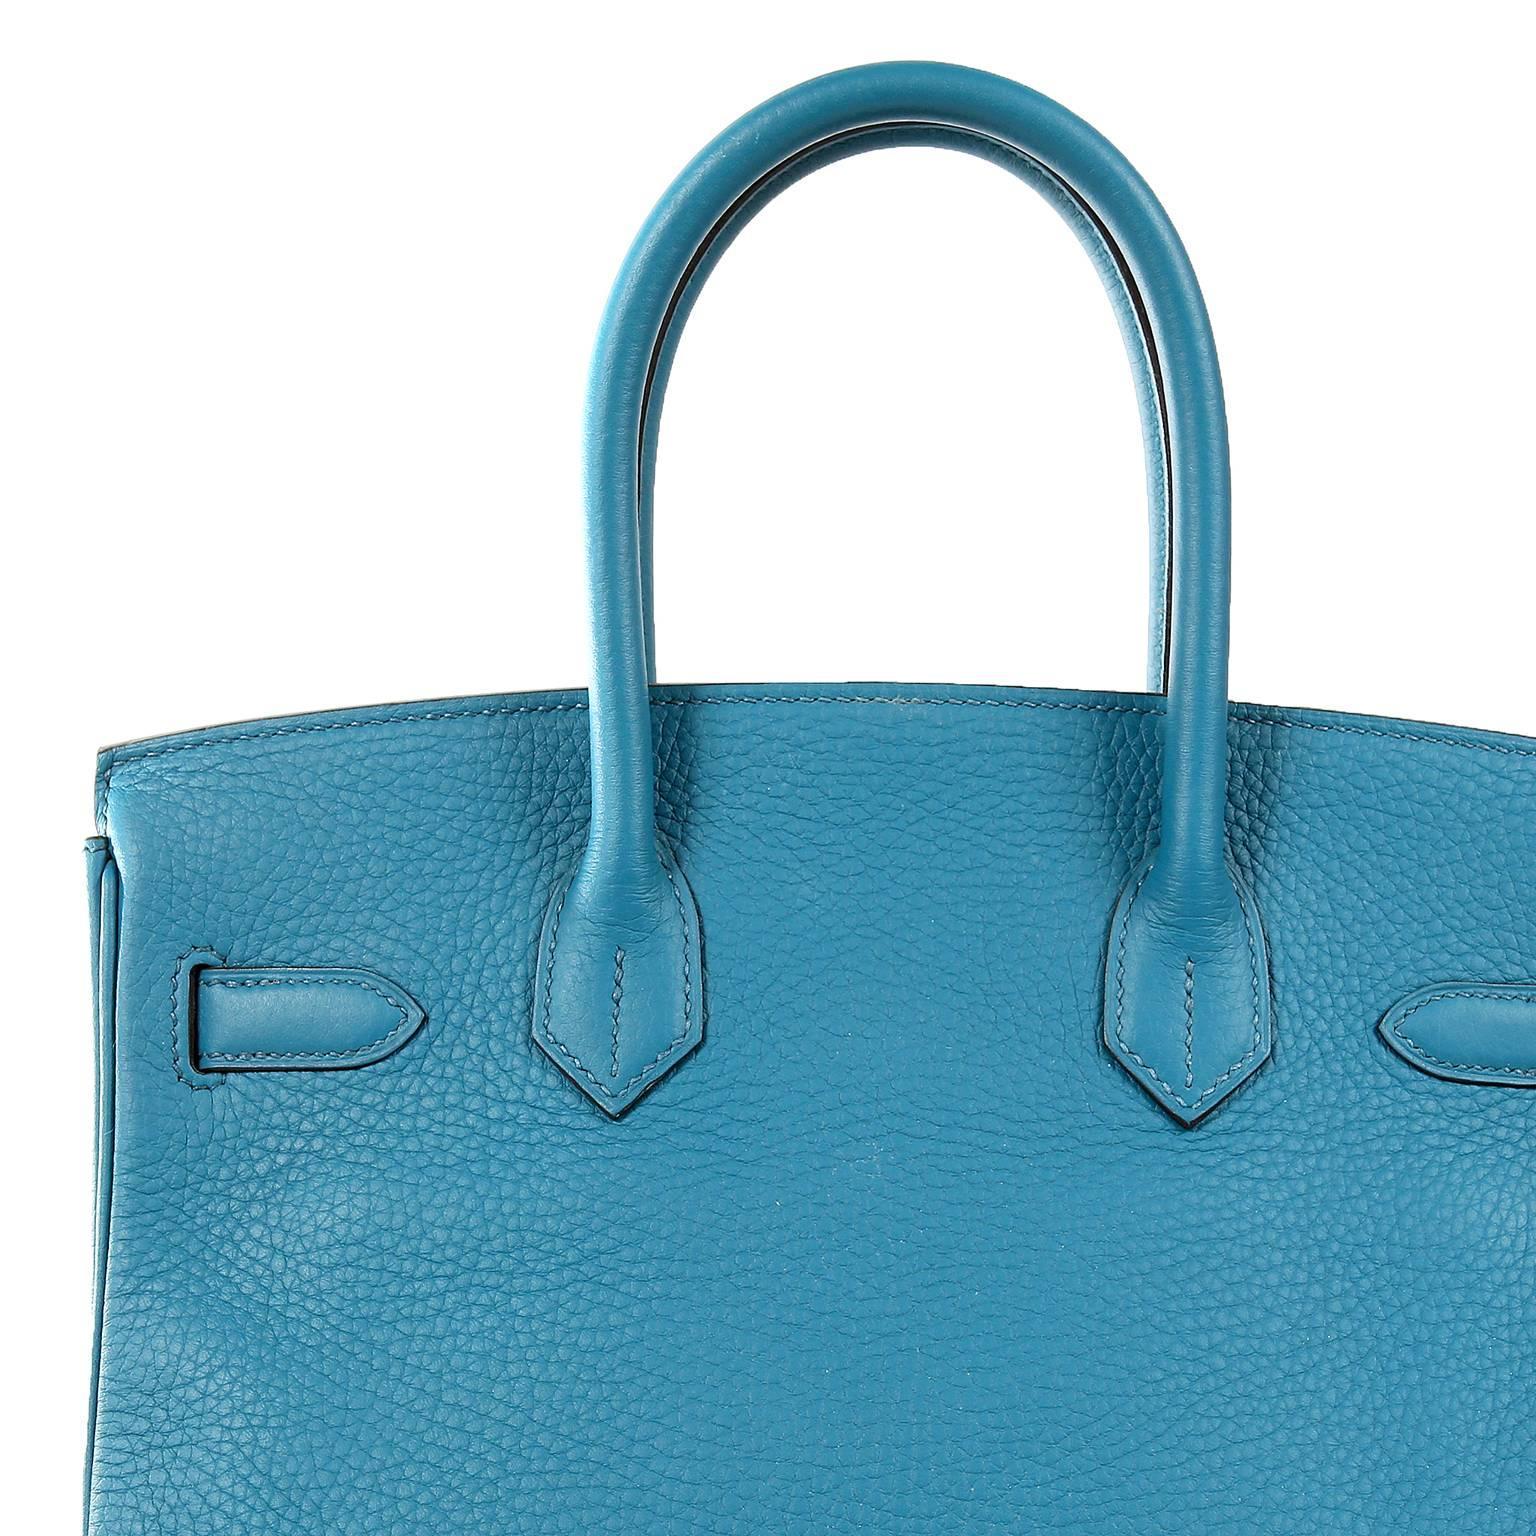 fe0990e7fe9e Hermès Blue Izmir Togo 30 cm Birkin Bag with Palladium HW For Sale at  1stdibs